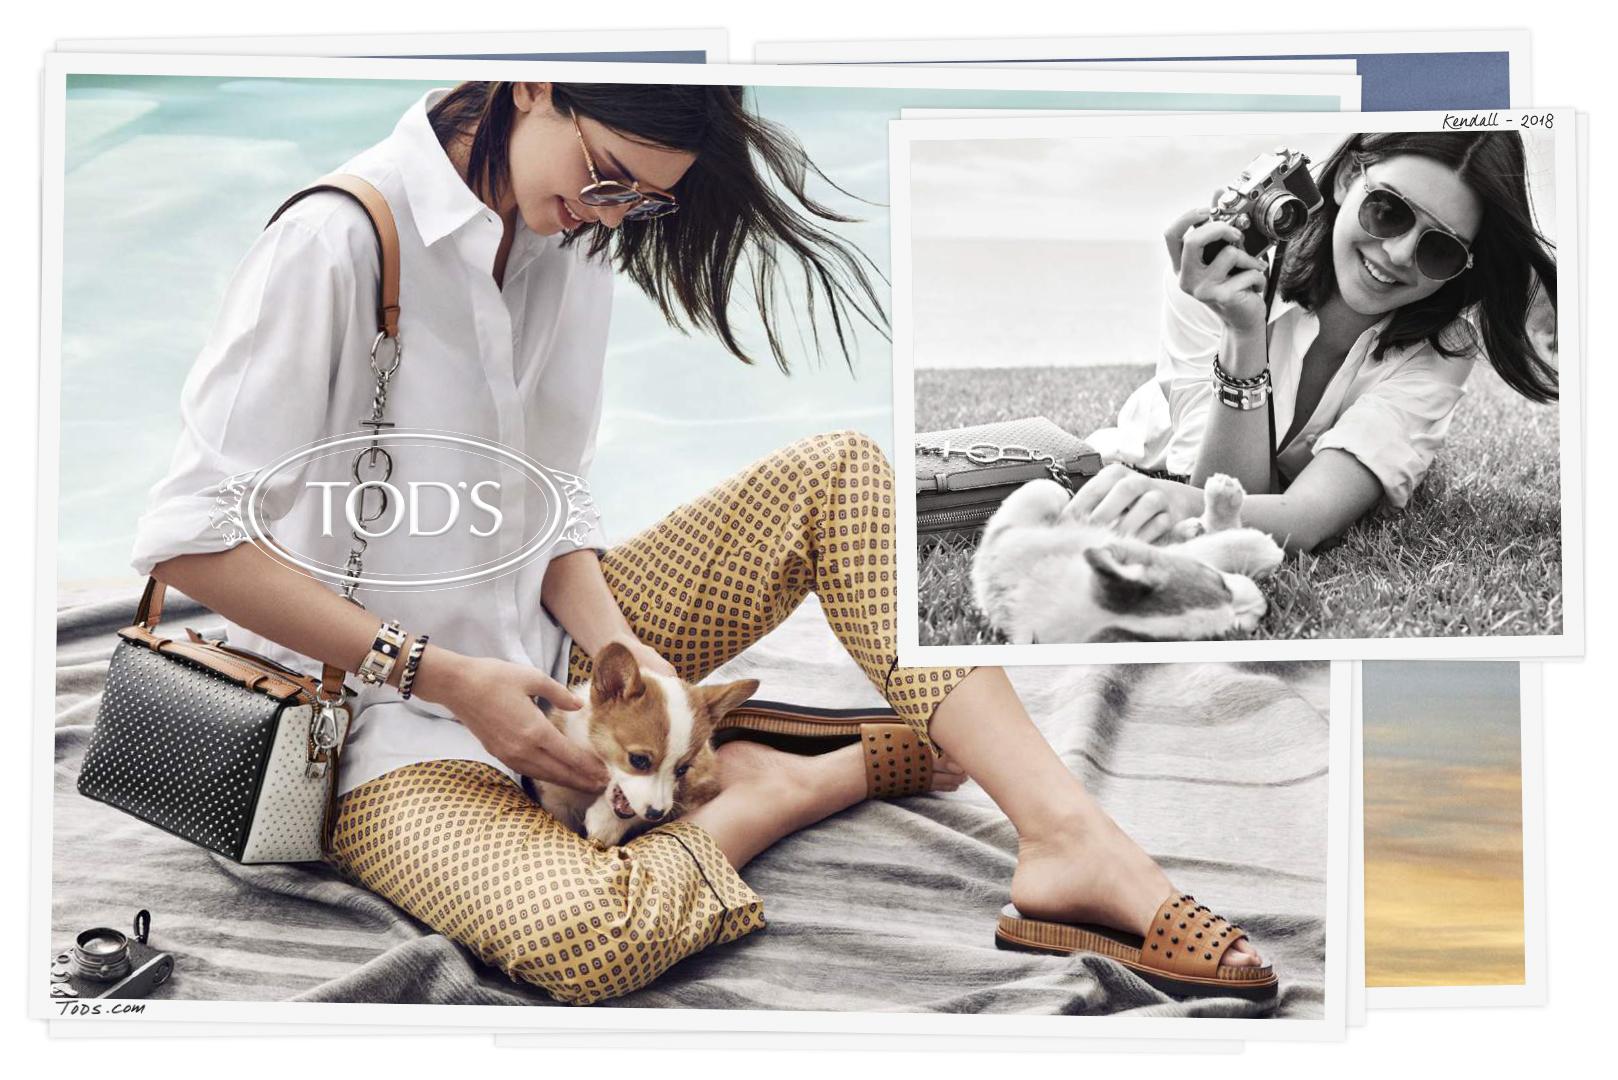 Tods_SS18_Women_3.jpg